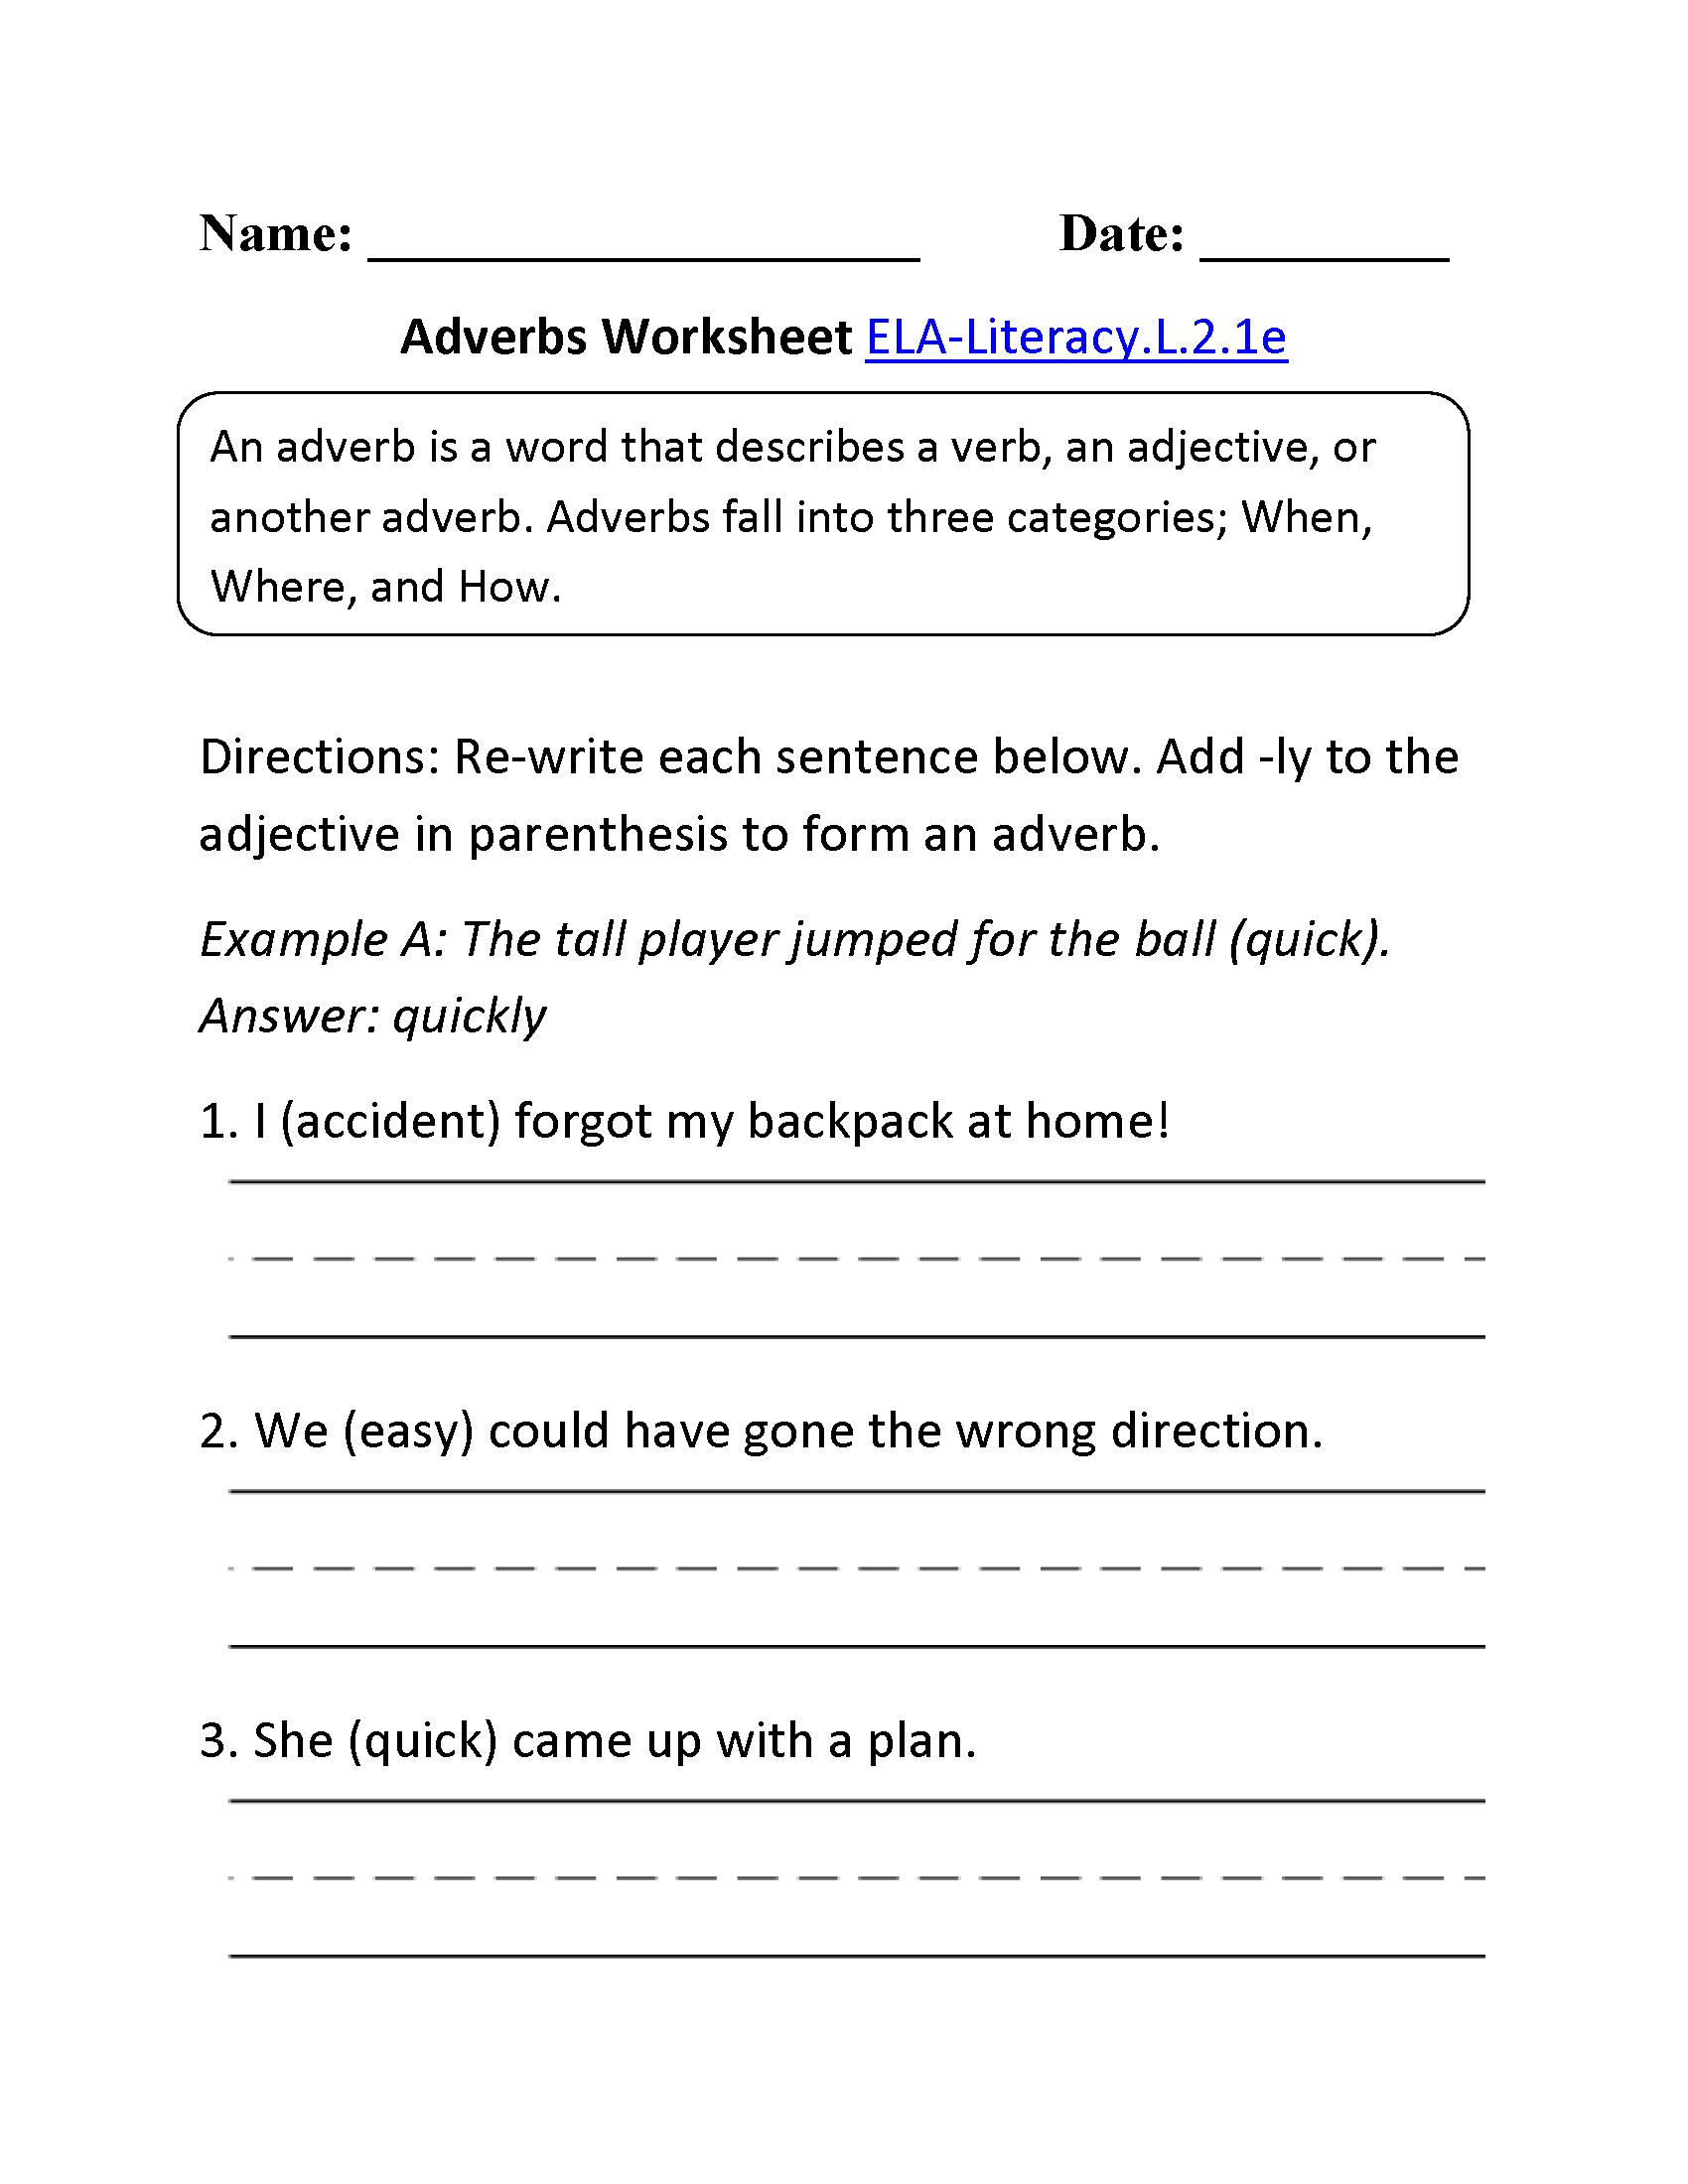 Adverbs Worksheet 2 Ela Literacy L 2 1e Language Worksheet